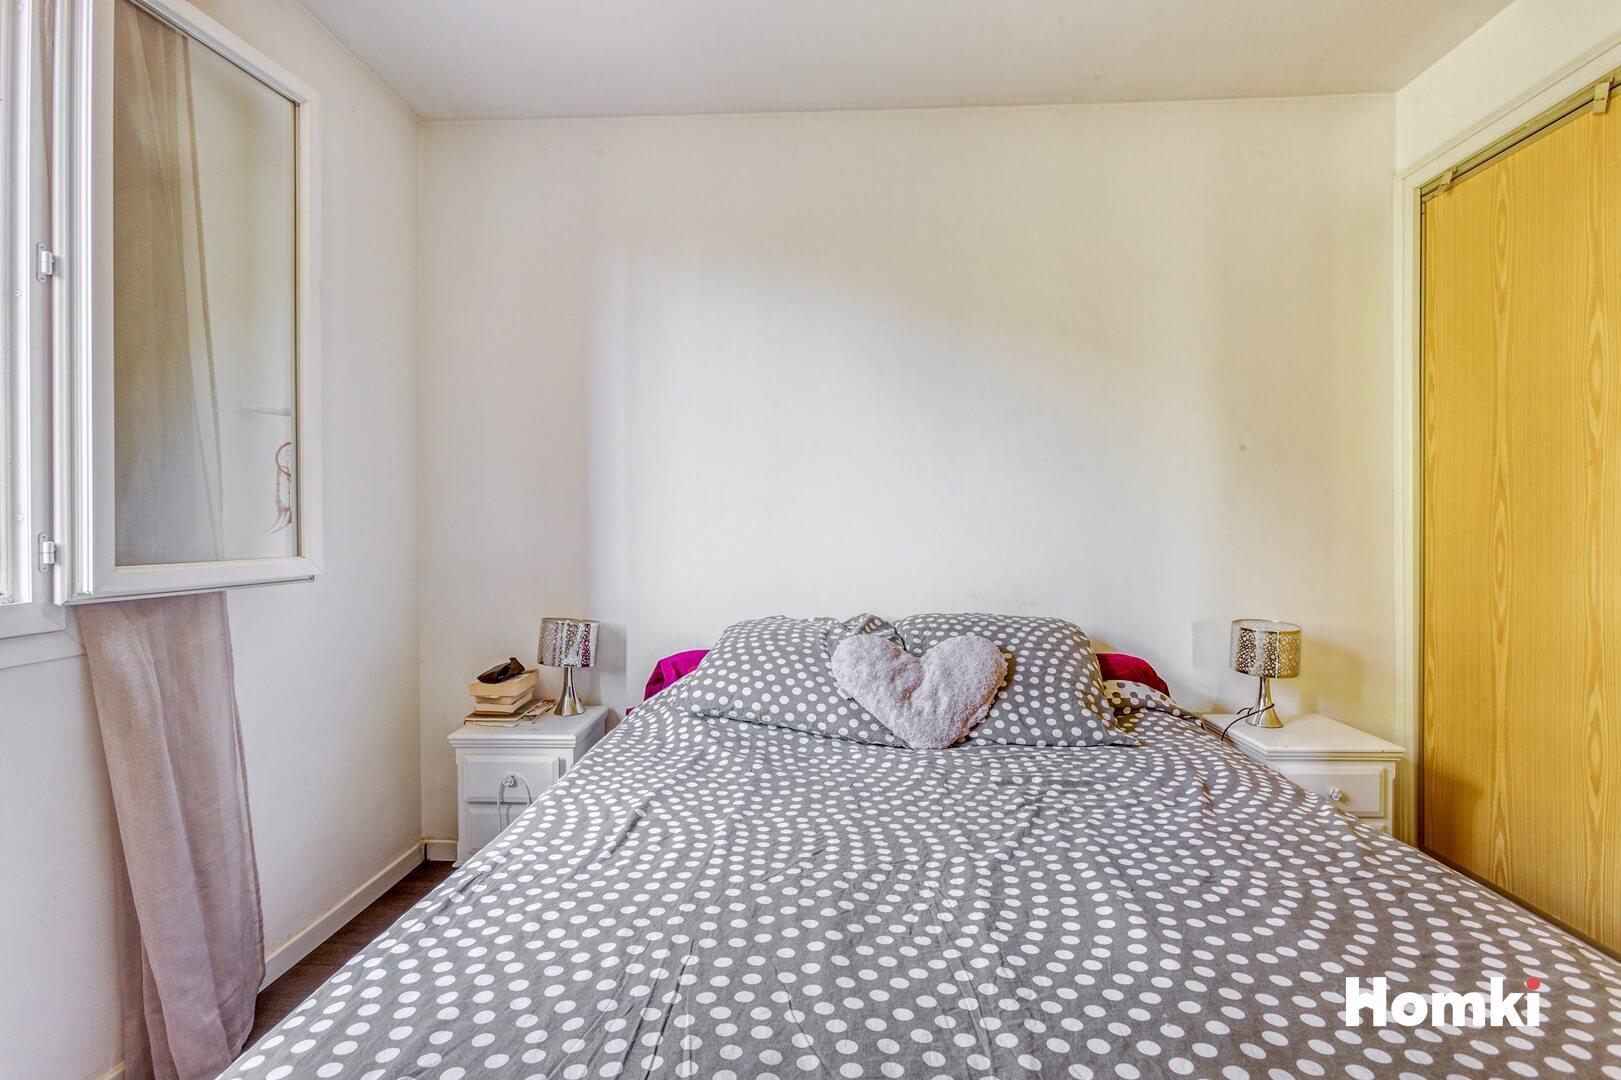 Homki - Vente Maison/villa  de 135.0 m² à Marseille 13011